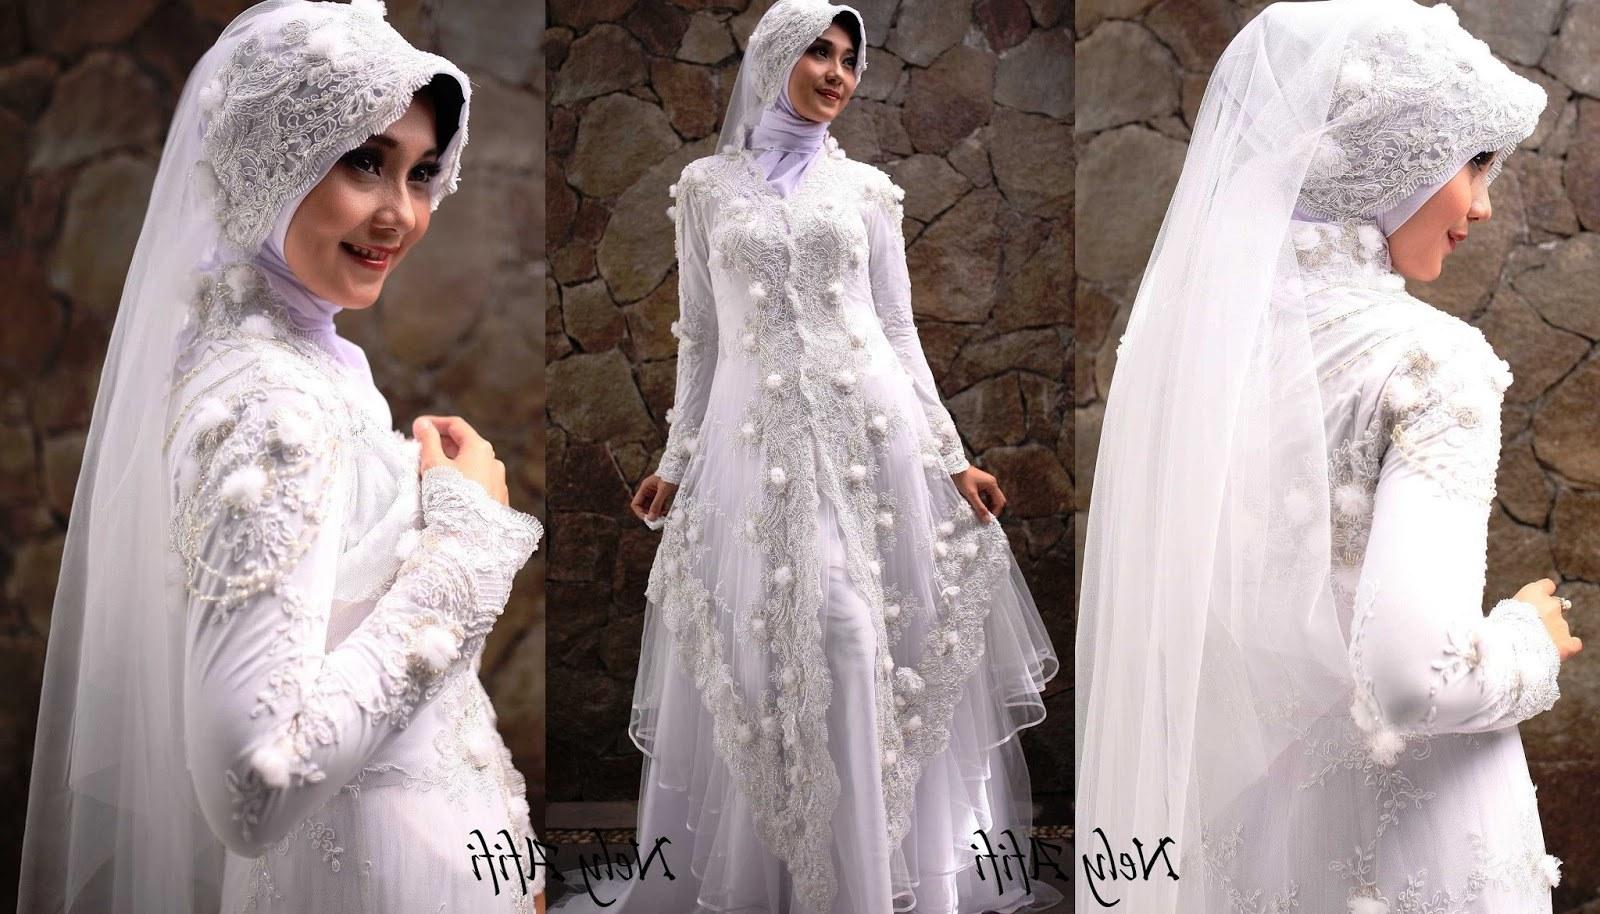 Model Inspirasi Baju Pengantin Muslimah 9fdy 43 Inspirasi Terpopuler Baju Pengantin Muslim Sederhana Putih